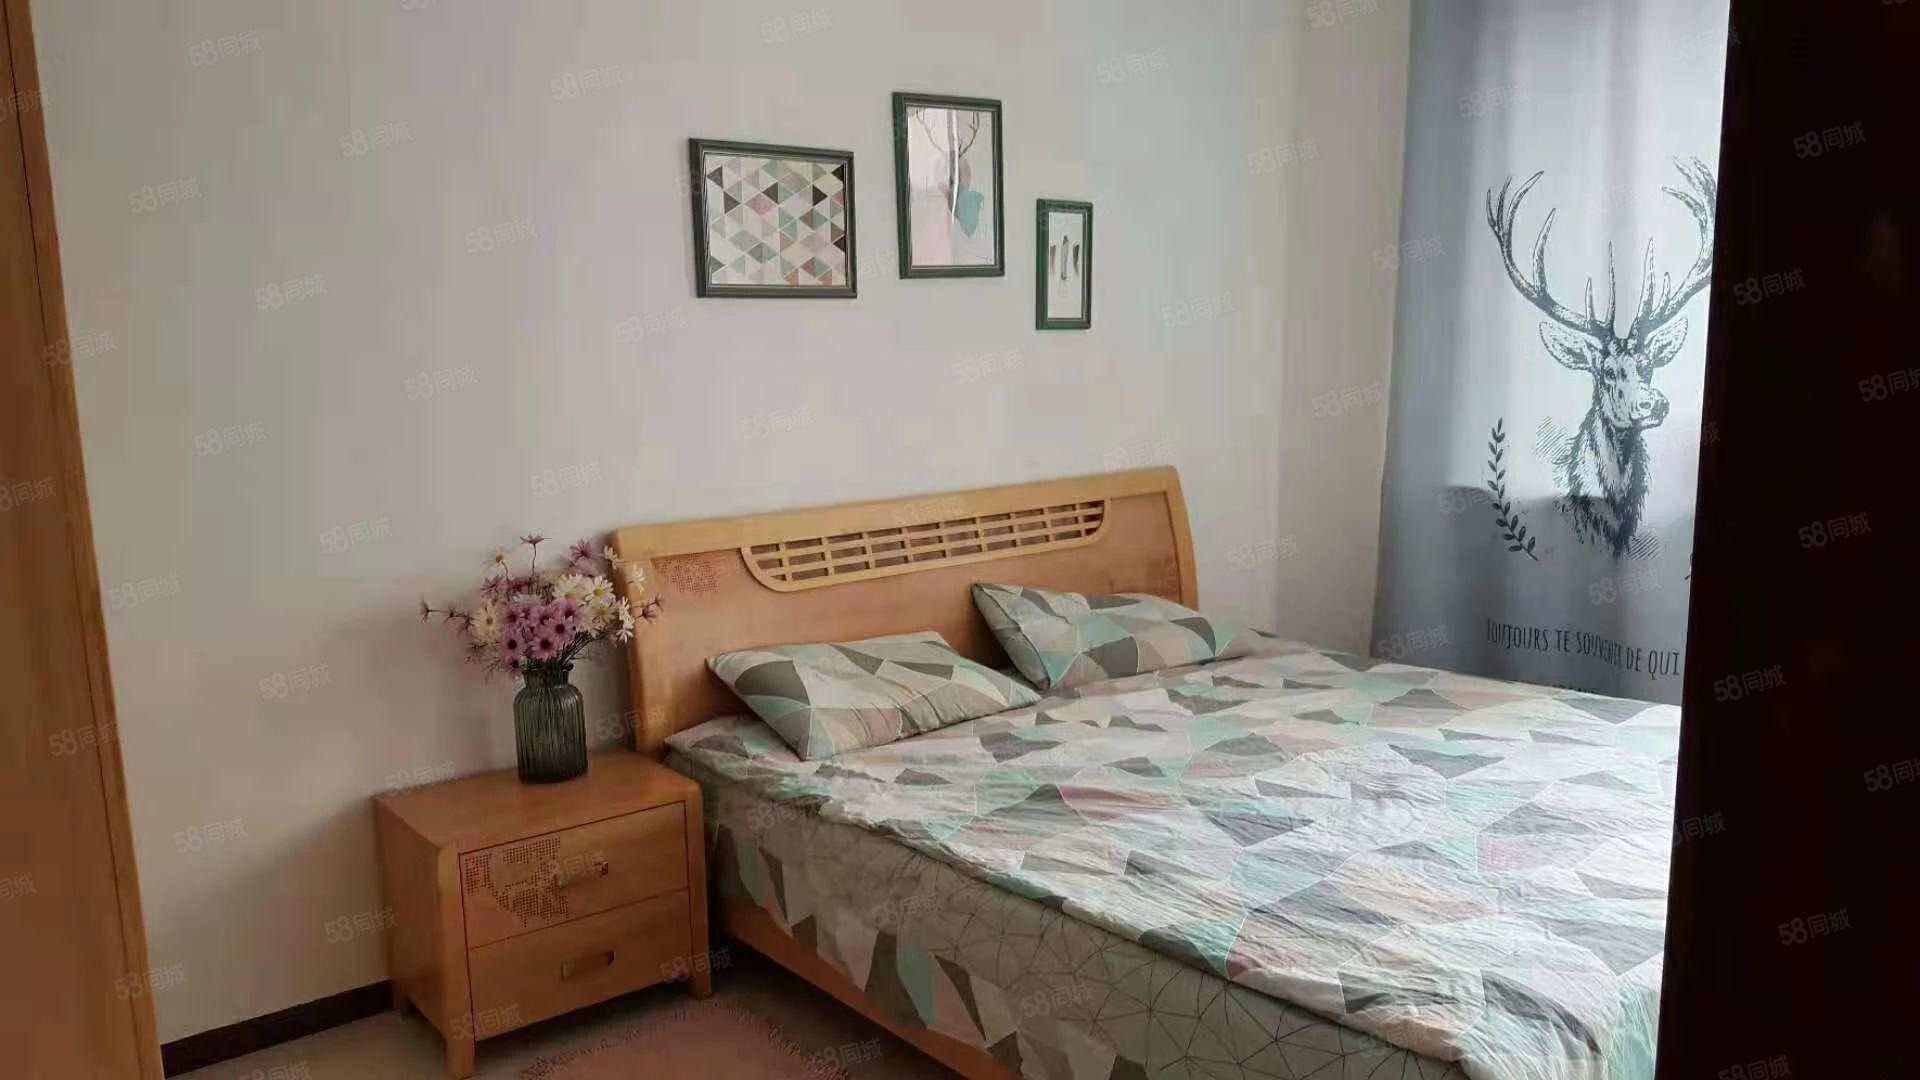 星华家园步梯楼一室一厅拎包入住地中海式装修